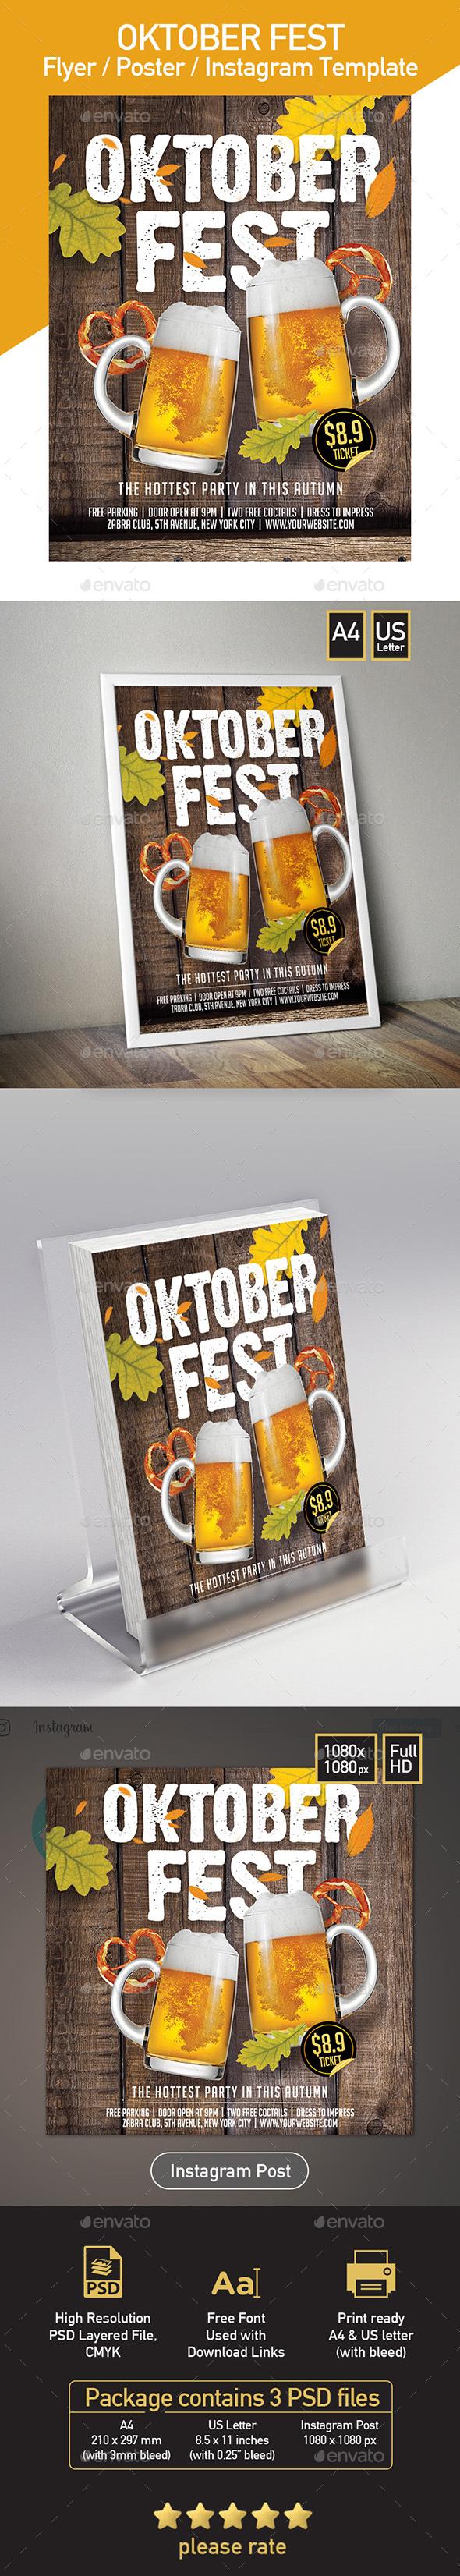 Oktorber Fest - Beer Festival - Set of 3 Template - Events Flyers